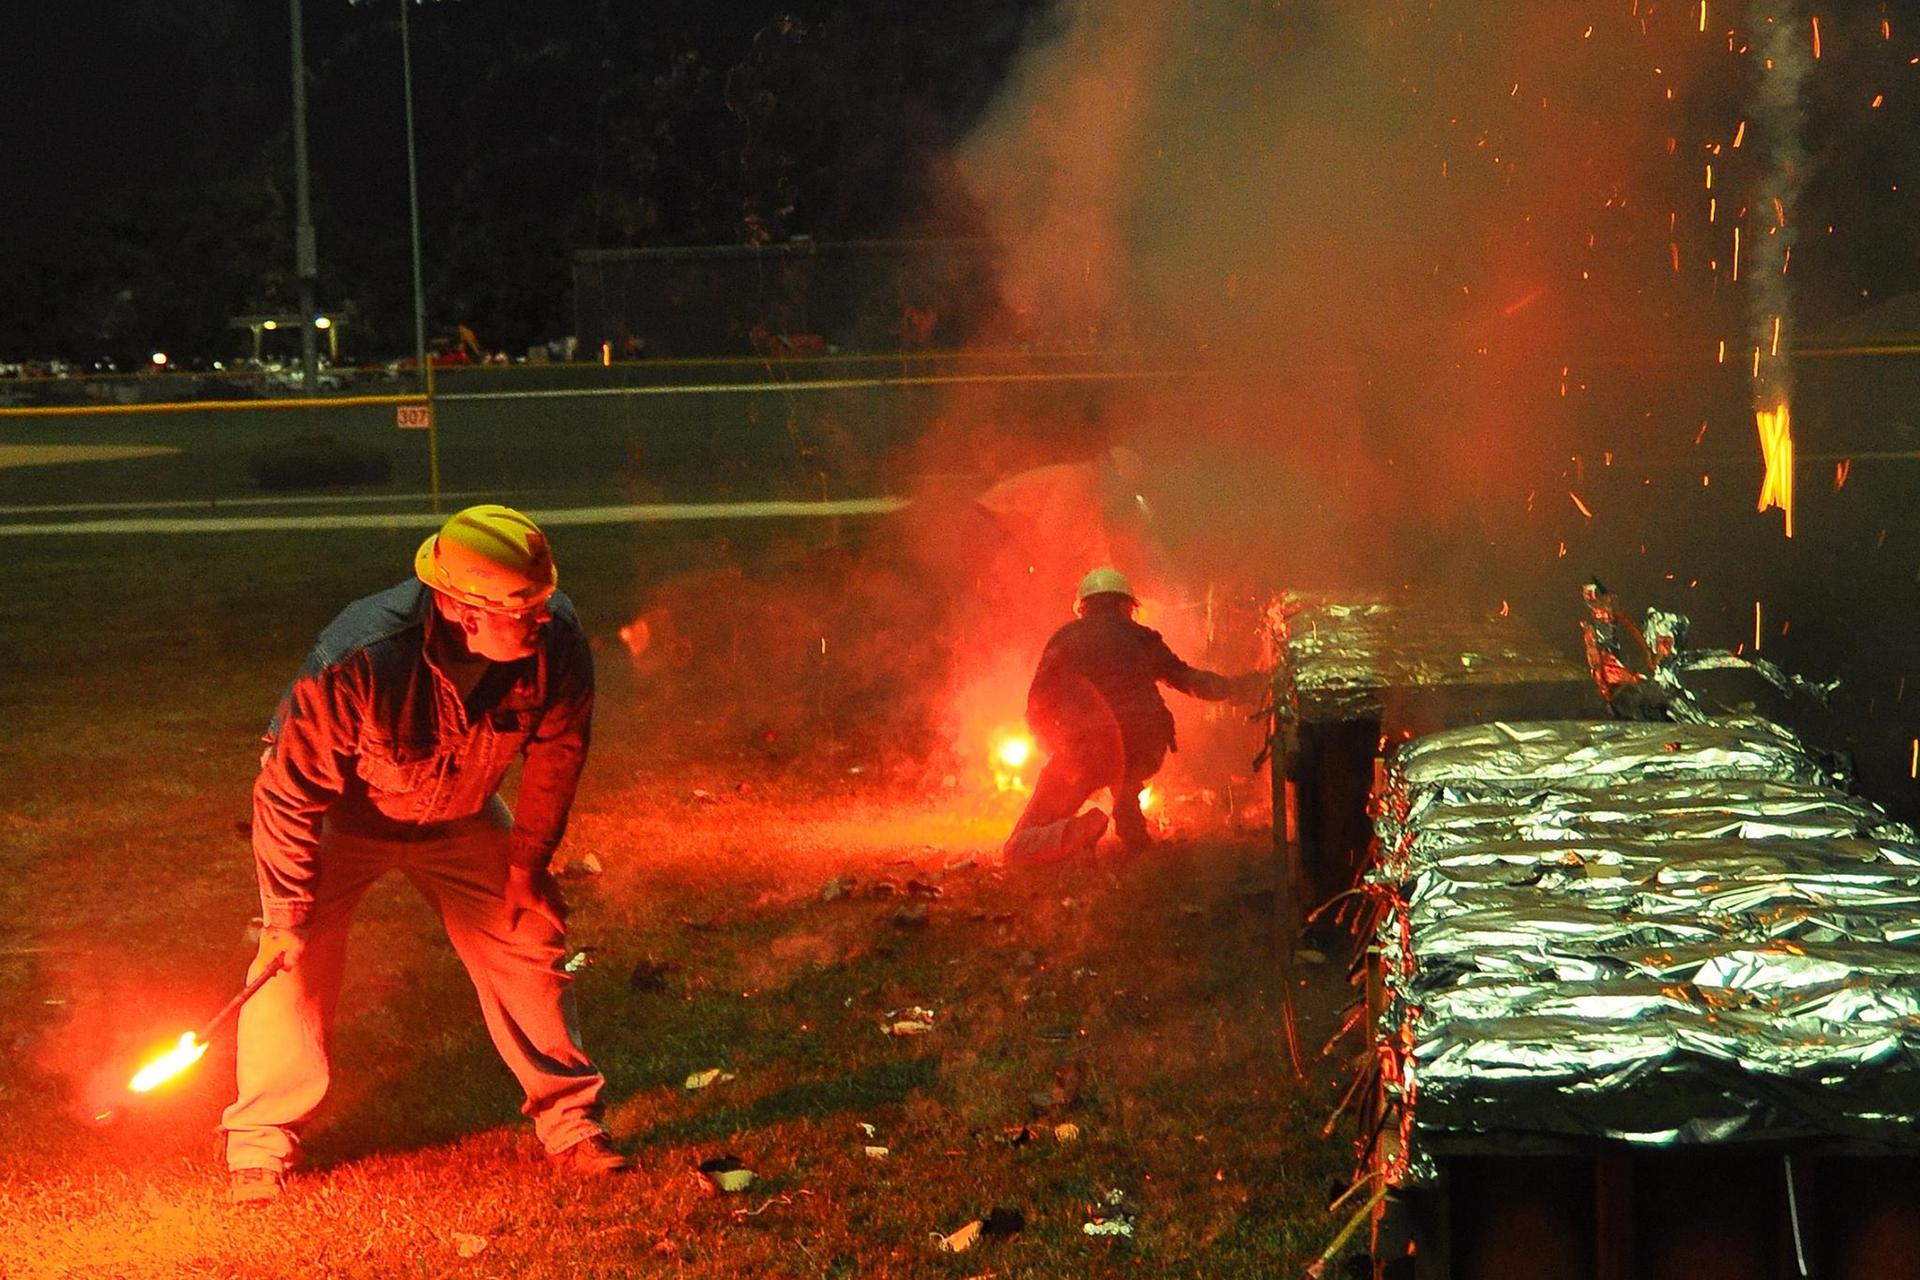 Zdjęcie przedstawia pracowników firmy pirotechnicznej przygotowujących profesjonalny pokaz sztucznych ogni. Obaj mają na sobie ubrania ochronne, kaski itrzymają wrękach zapalone flary, które posłużą im do podpalenia lontów.